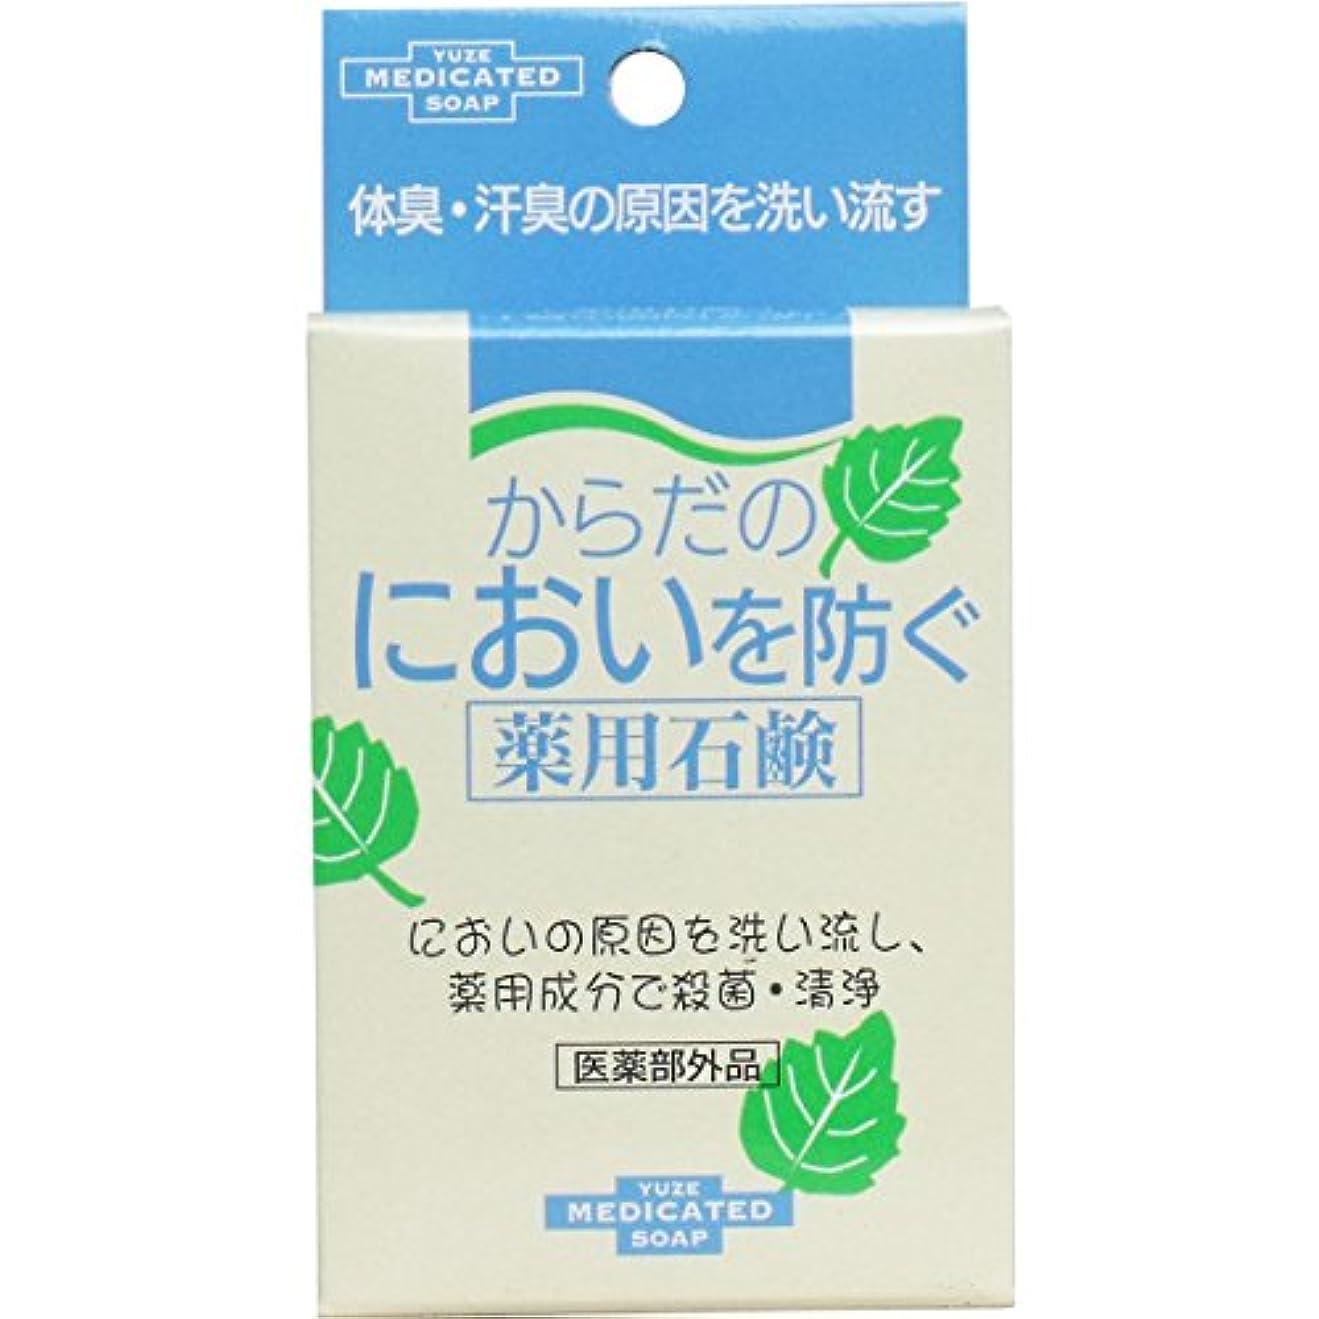 アルファベット伝染性の全国からだのにおいを防ぐ薬用石鹸 110g